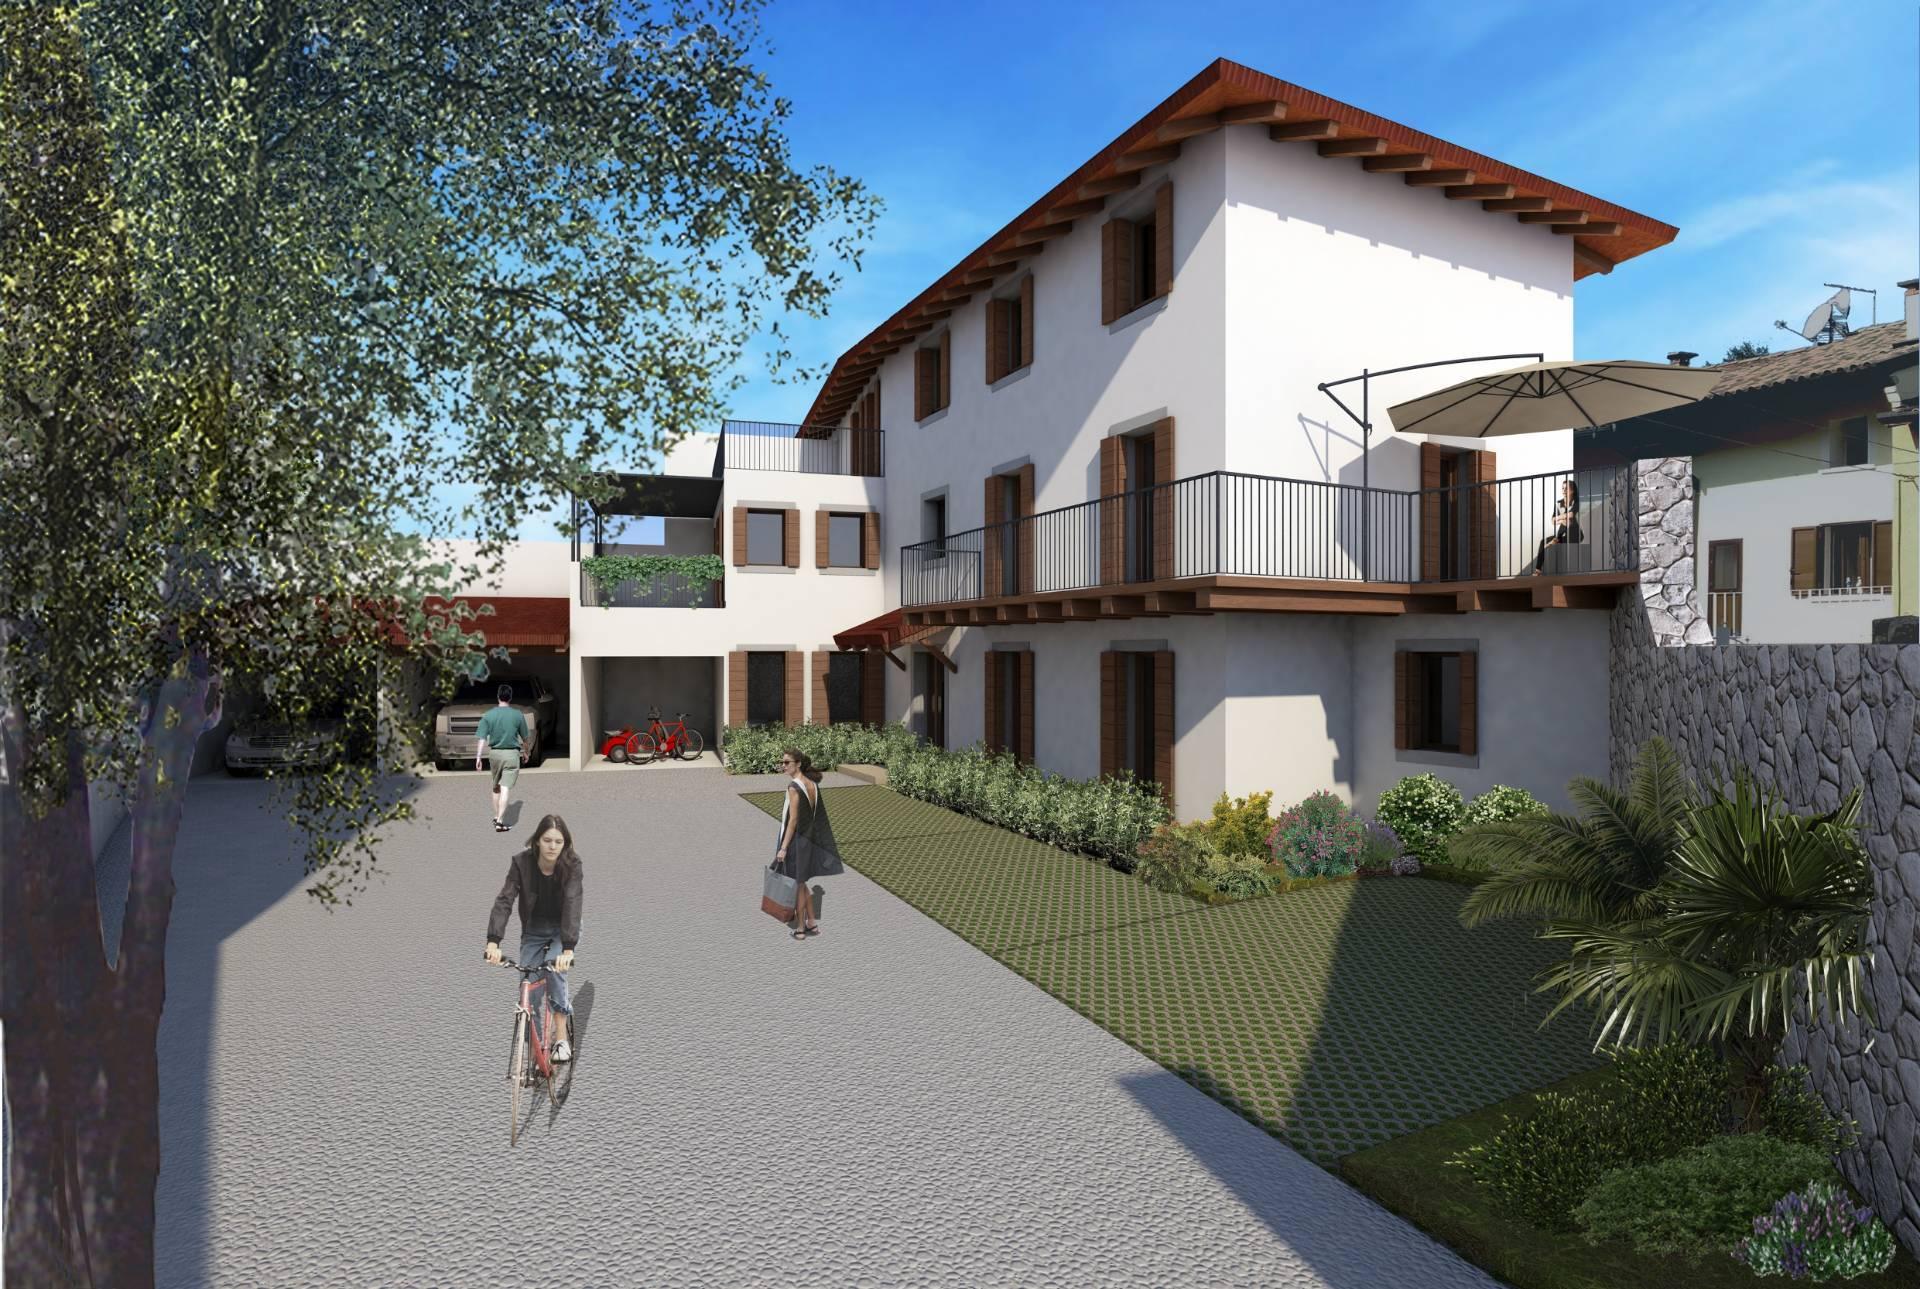 Appartamento in vendita a Tavagnacco, 4 locali, zona Località: FelettoUmberto, prezzo € 290.000 | PortaleAgenzieImmobiliari.it